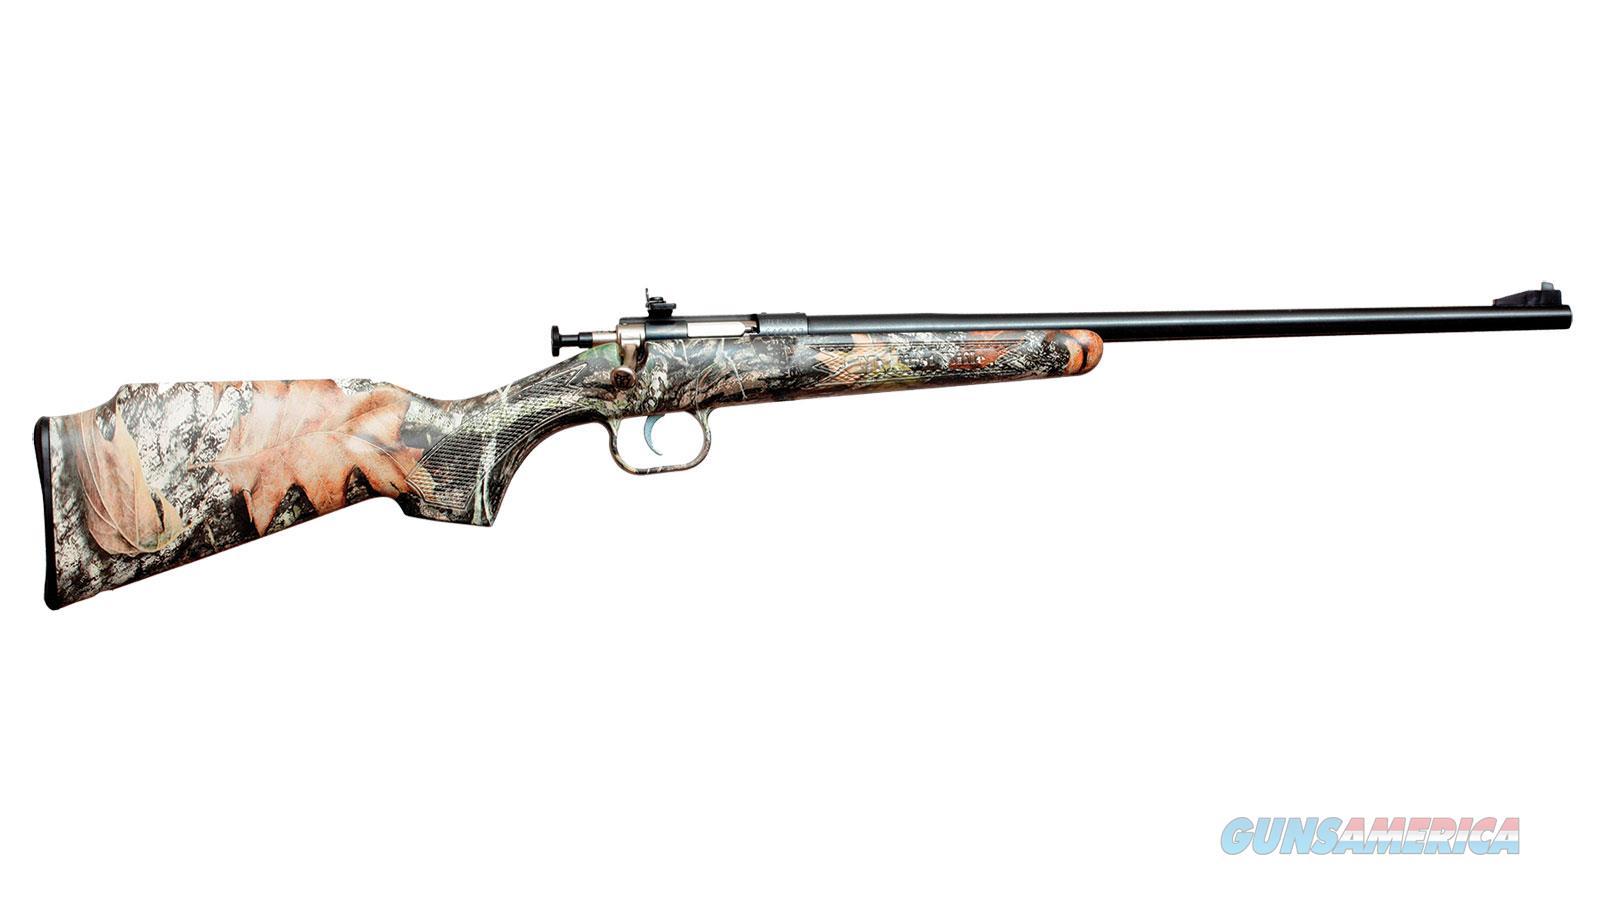 """Keystone Sporting Arms Crkt Mobu 22S/L/Lr 16.125"""" KSA2163  Guns > Rifles > K Misc Rifles"""